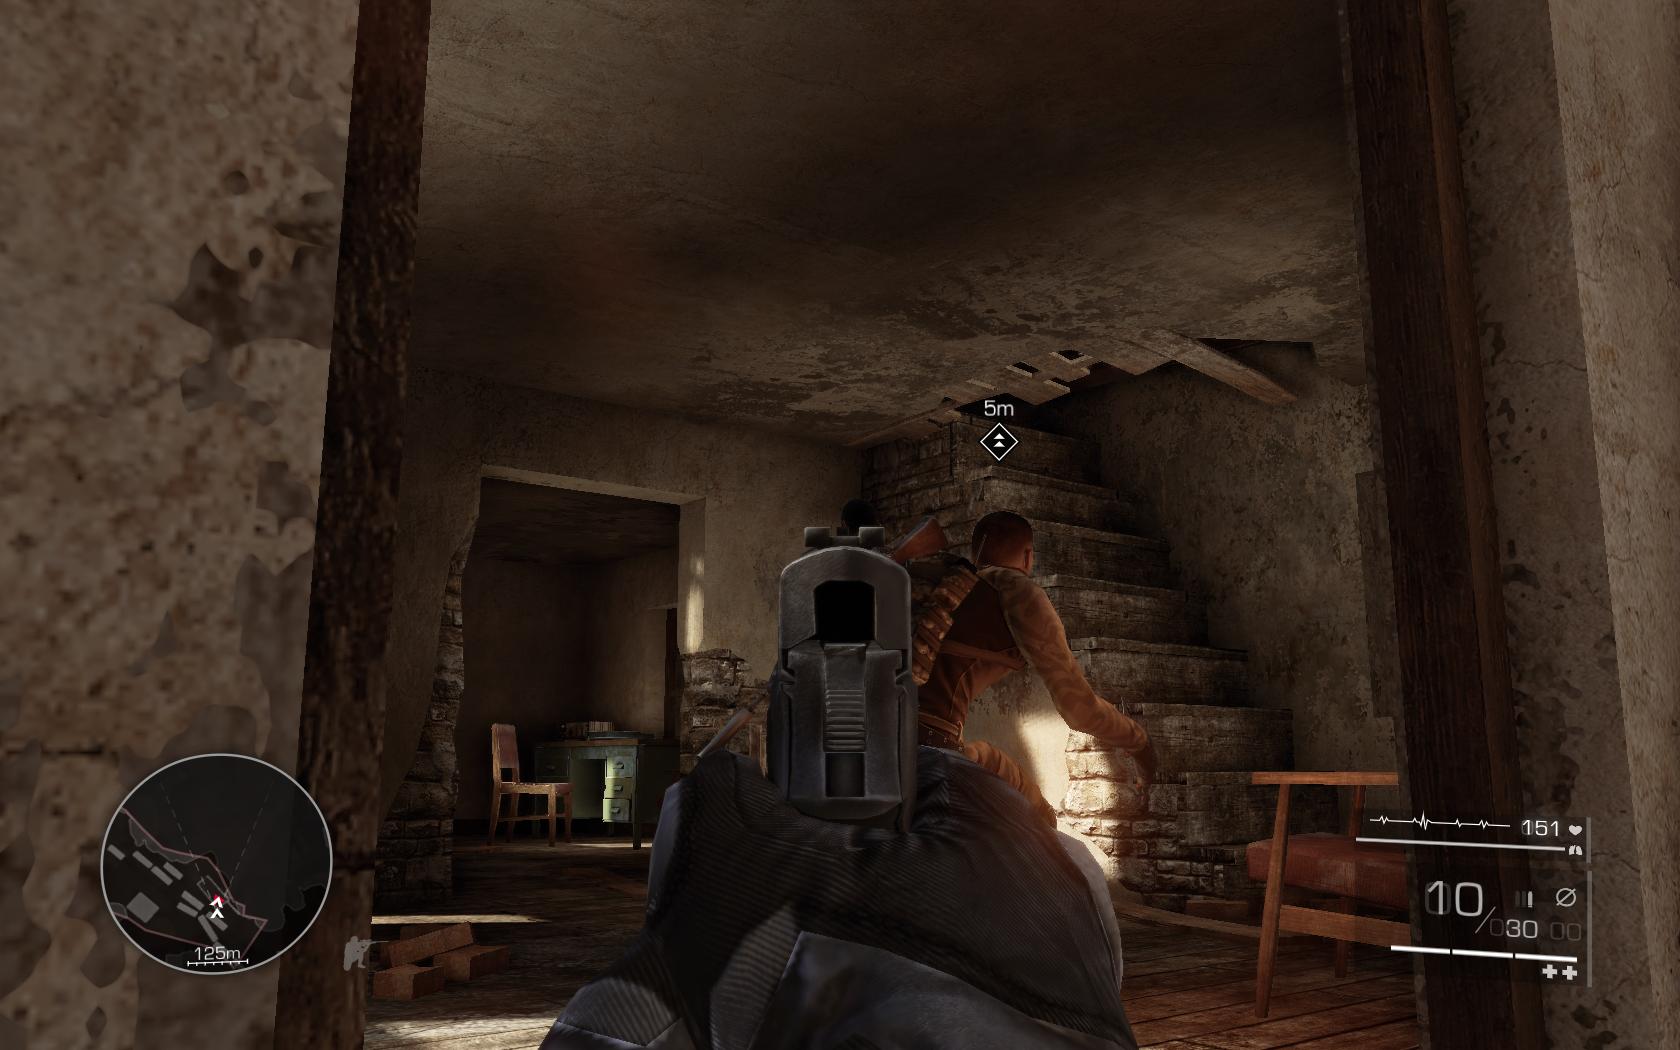 SniperGhostWarrior2 2013-03-31 23-50-57-19